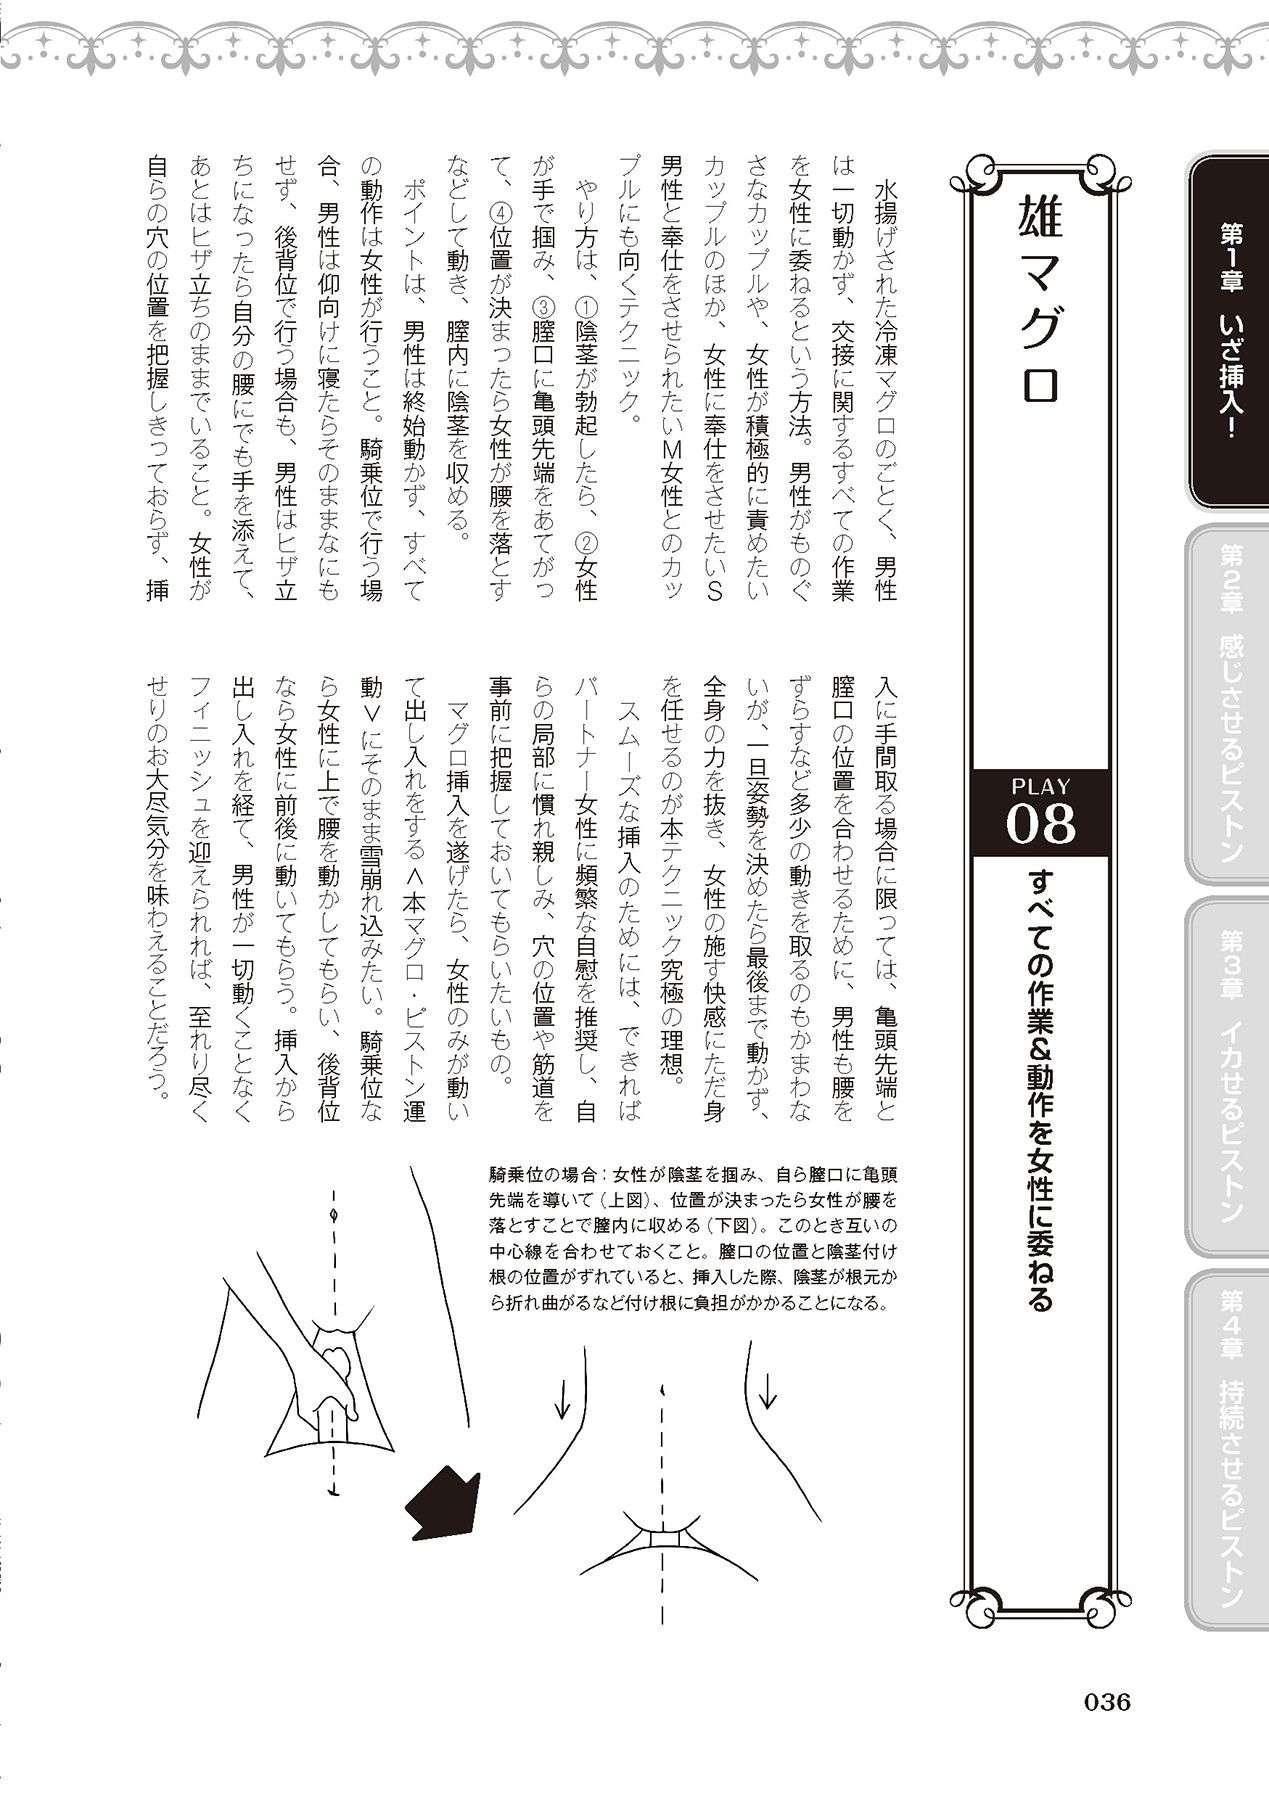 膣挿入&ピストン運動完全マニュアル イラスト版……ピスとんッ! 37